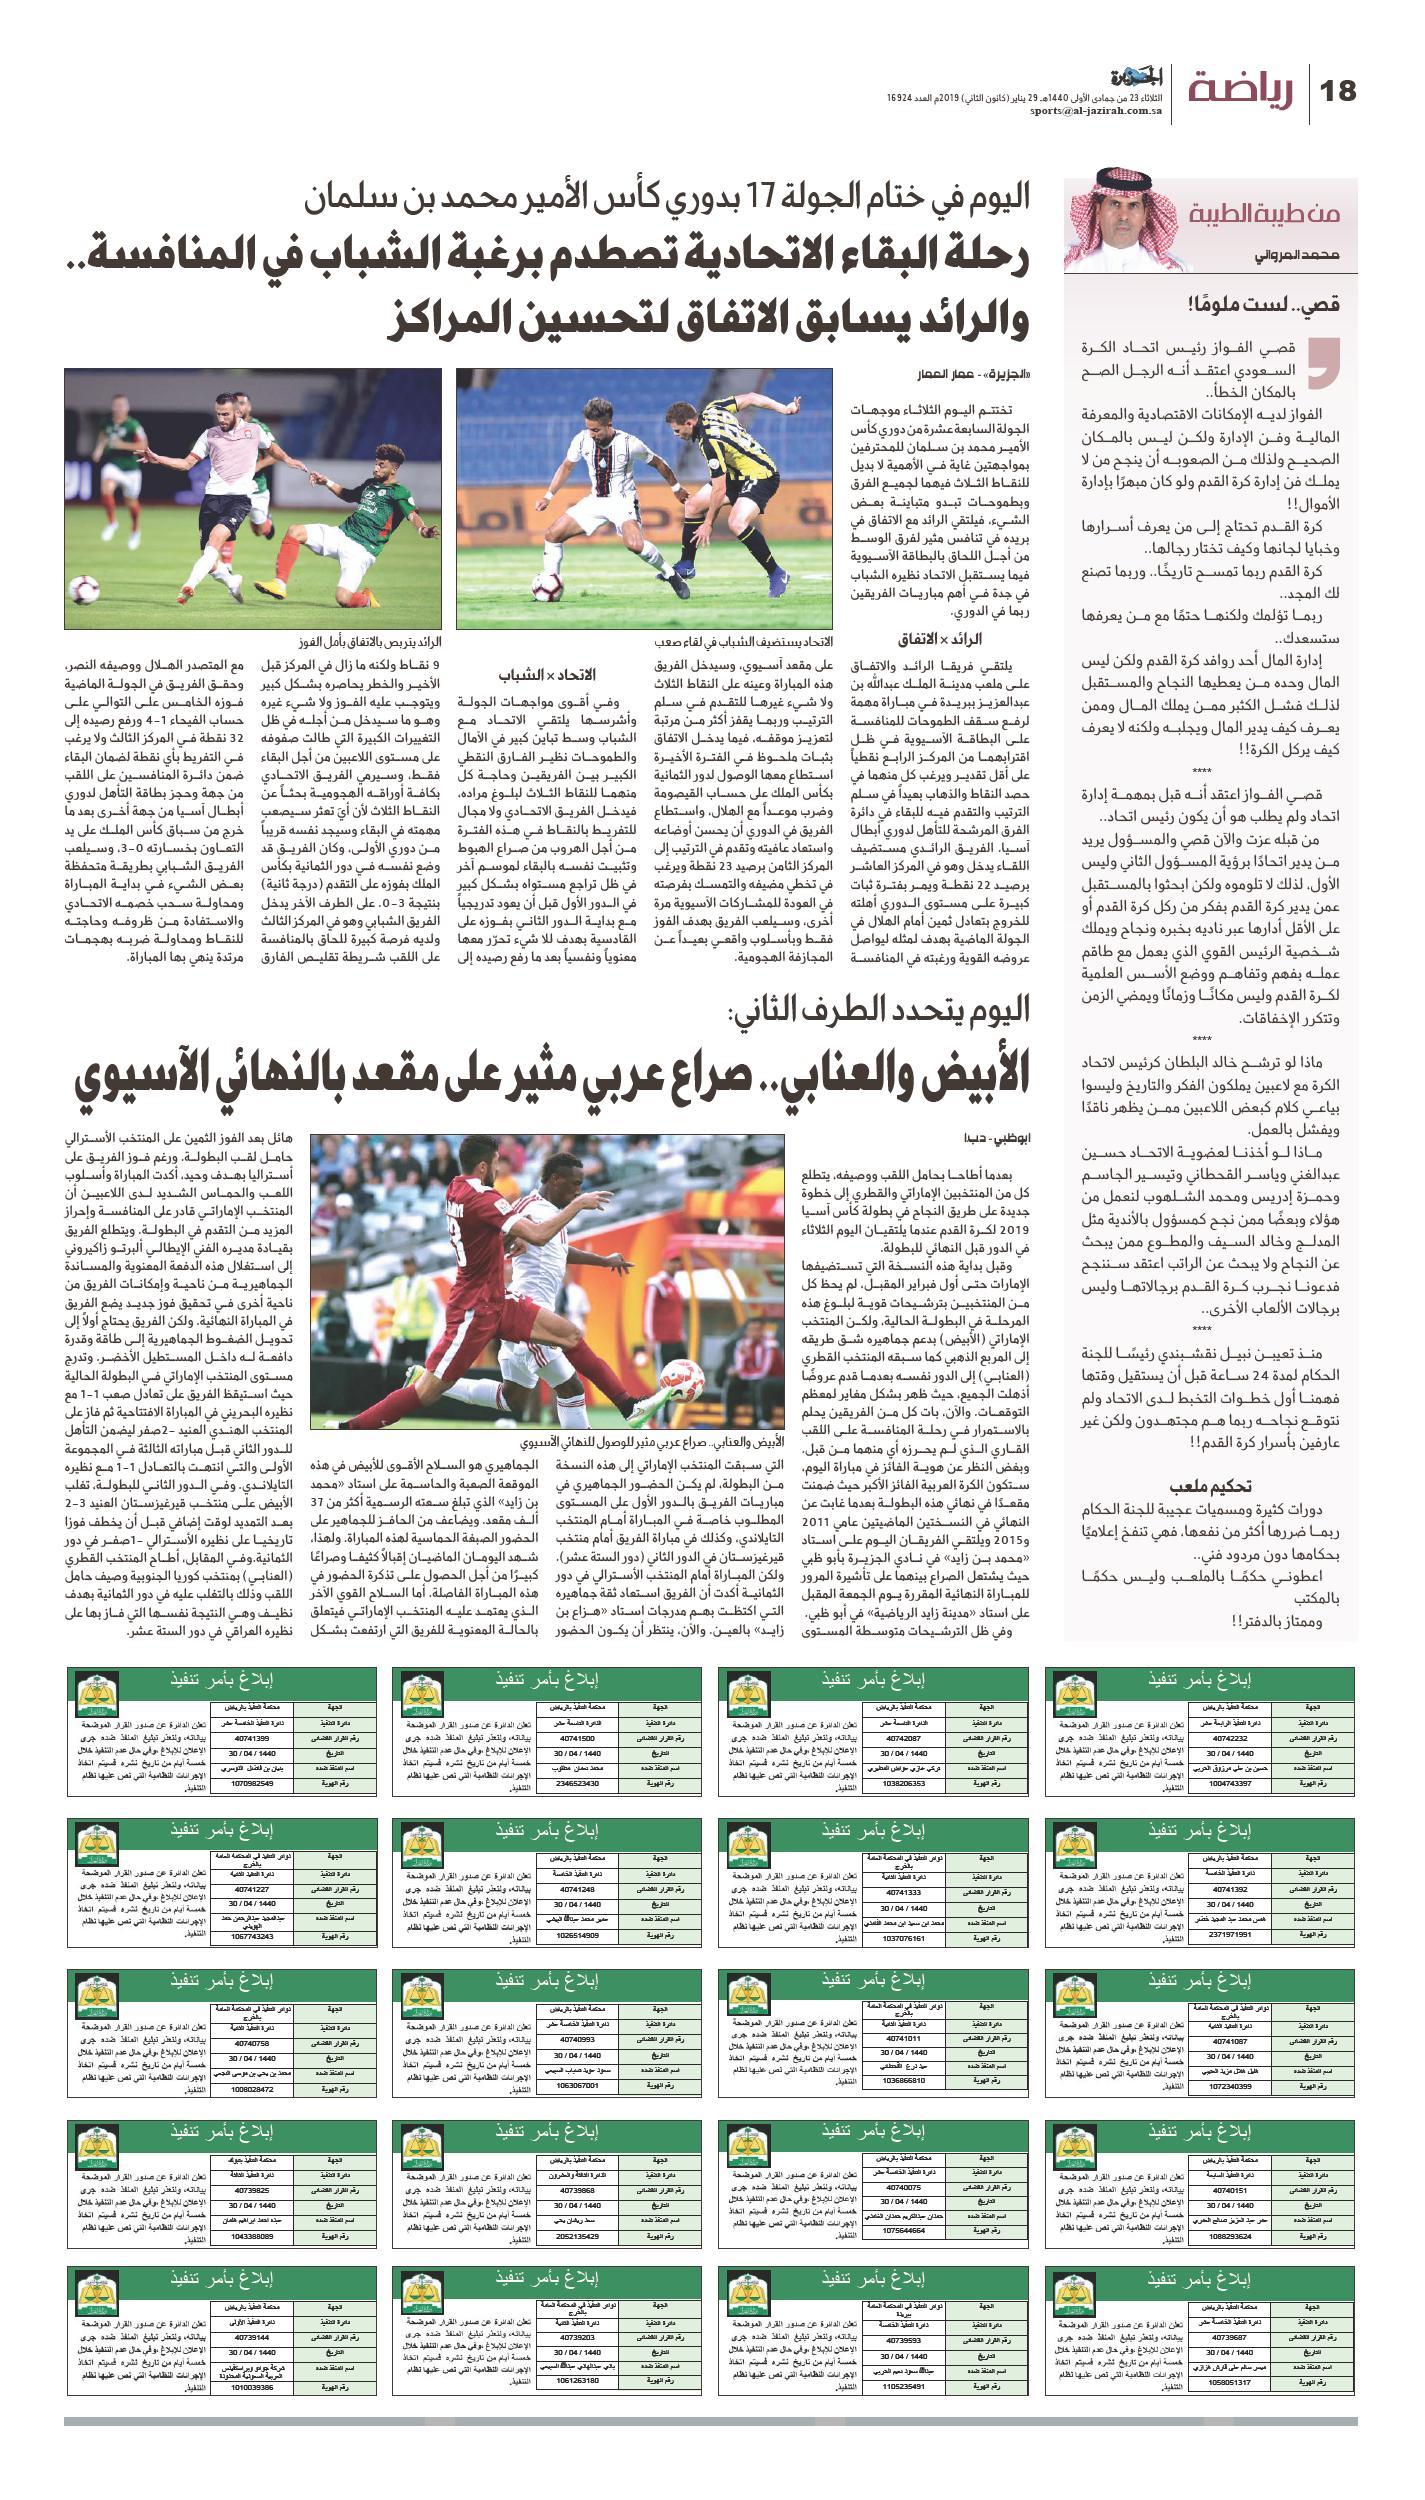 أخبار الاتحاد في الصحف لهذا اليوم الثلاثاء 23-جمادي الأولى-1440هـ